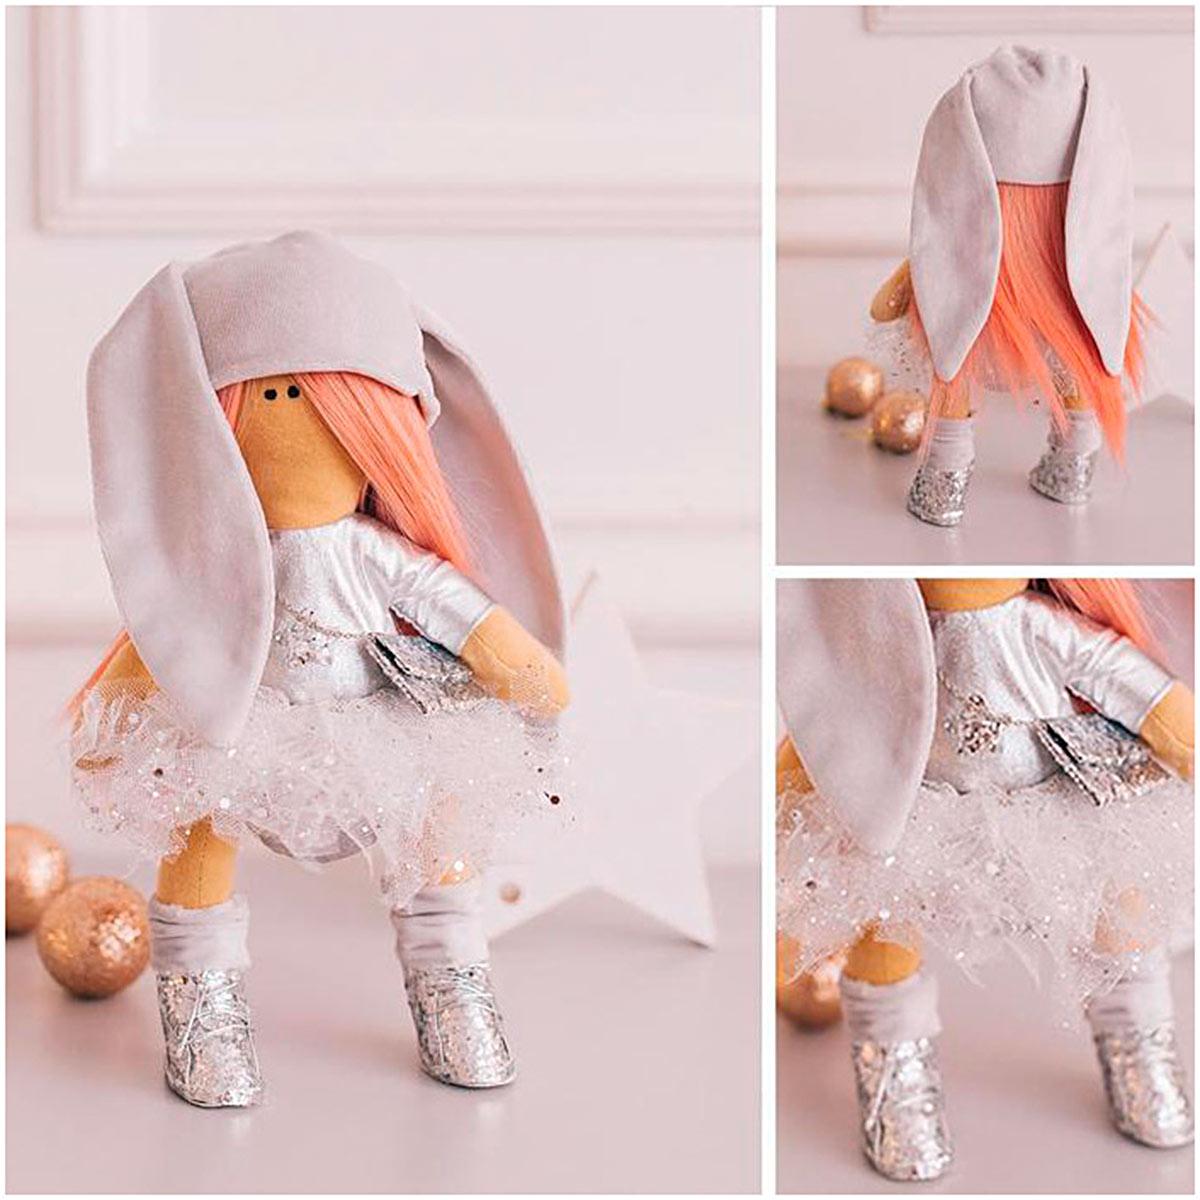 4922080 Интерьерная кукла 'Эстери' набор для шитья, 15,6*22.4*5.2 см